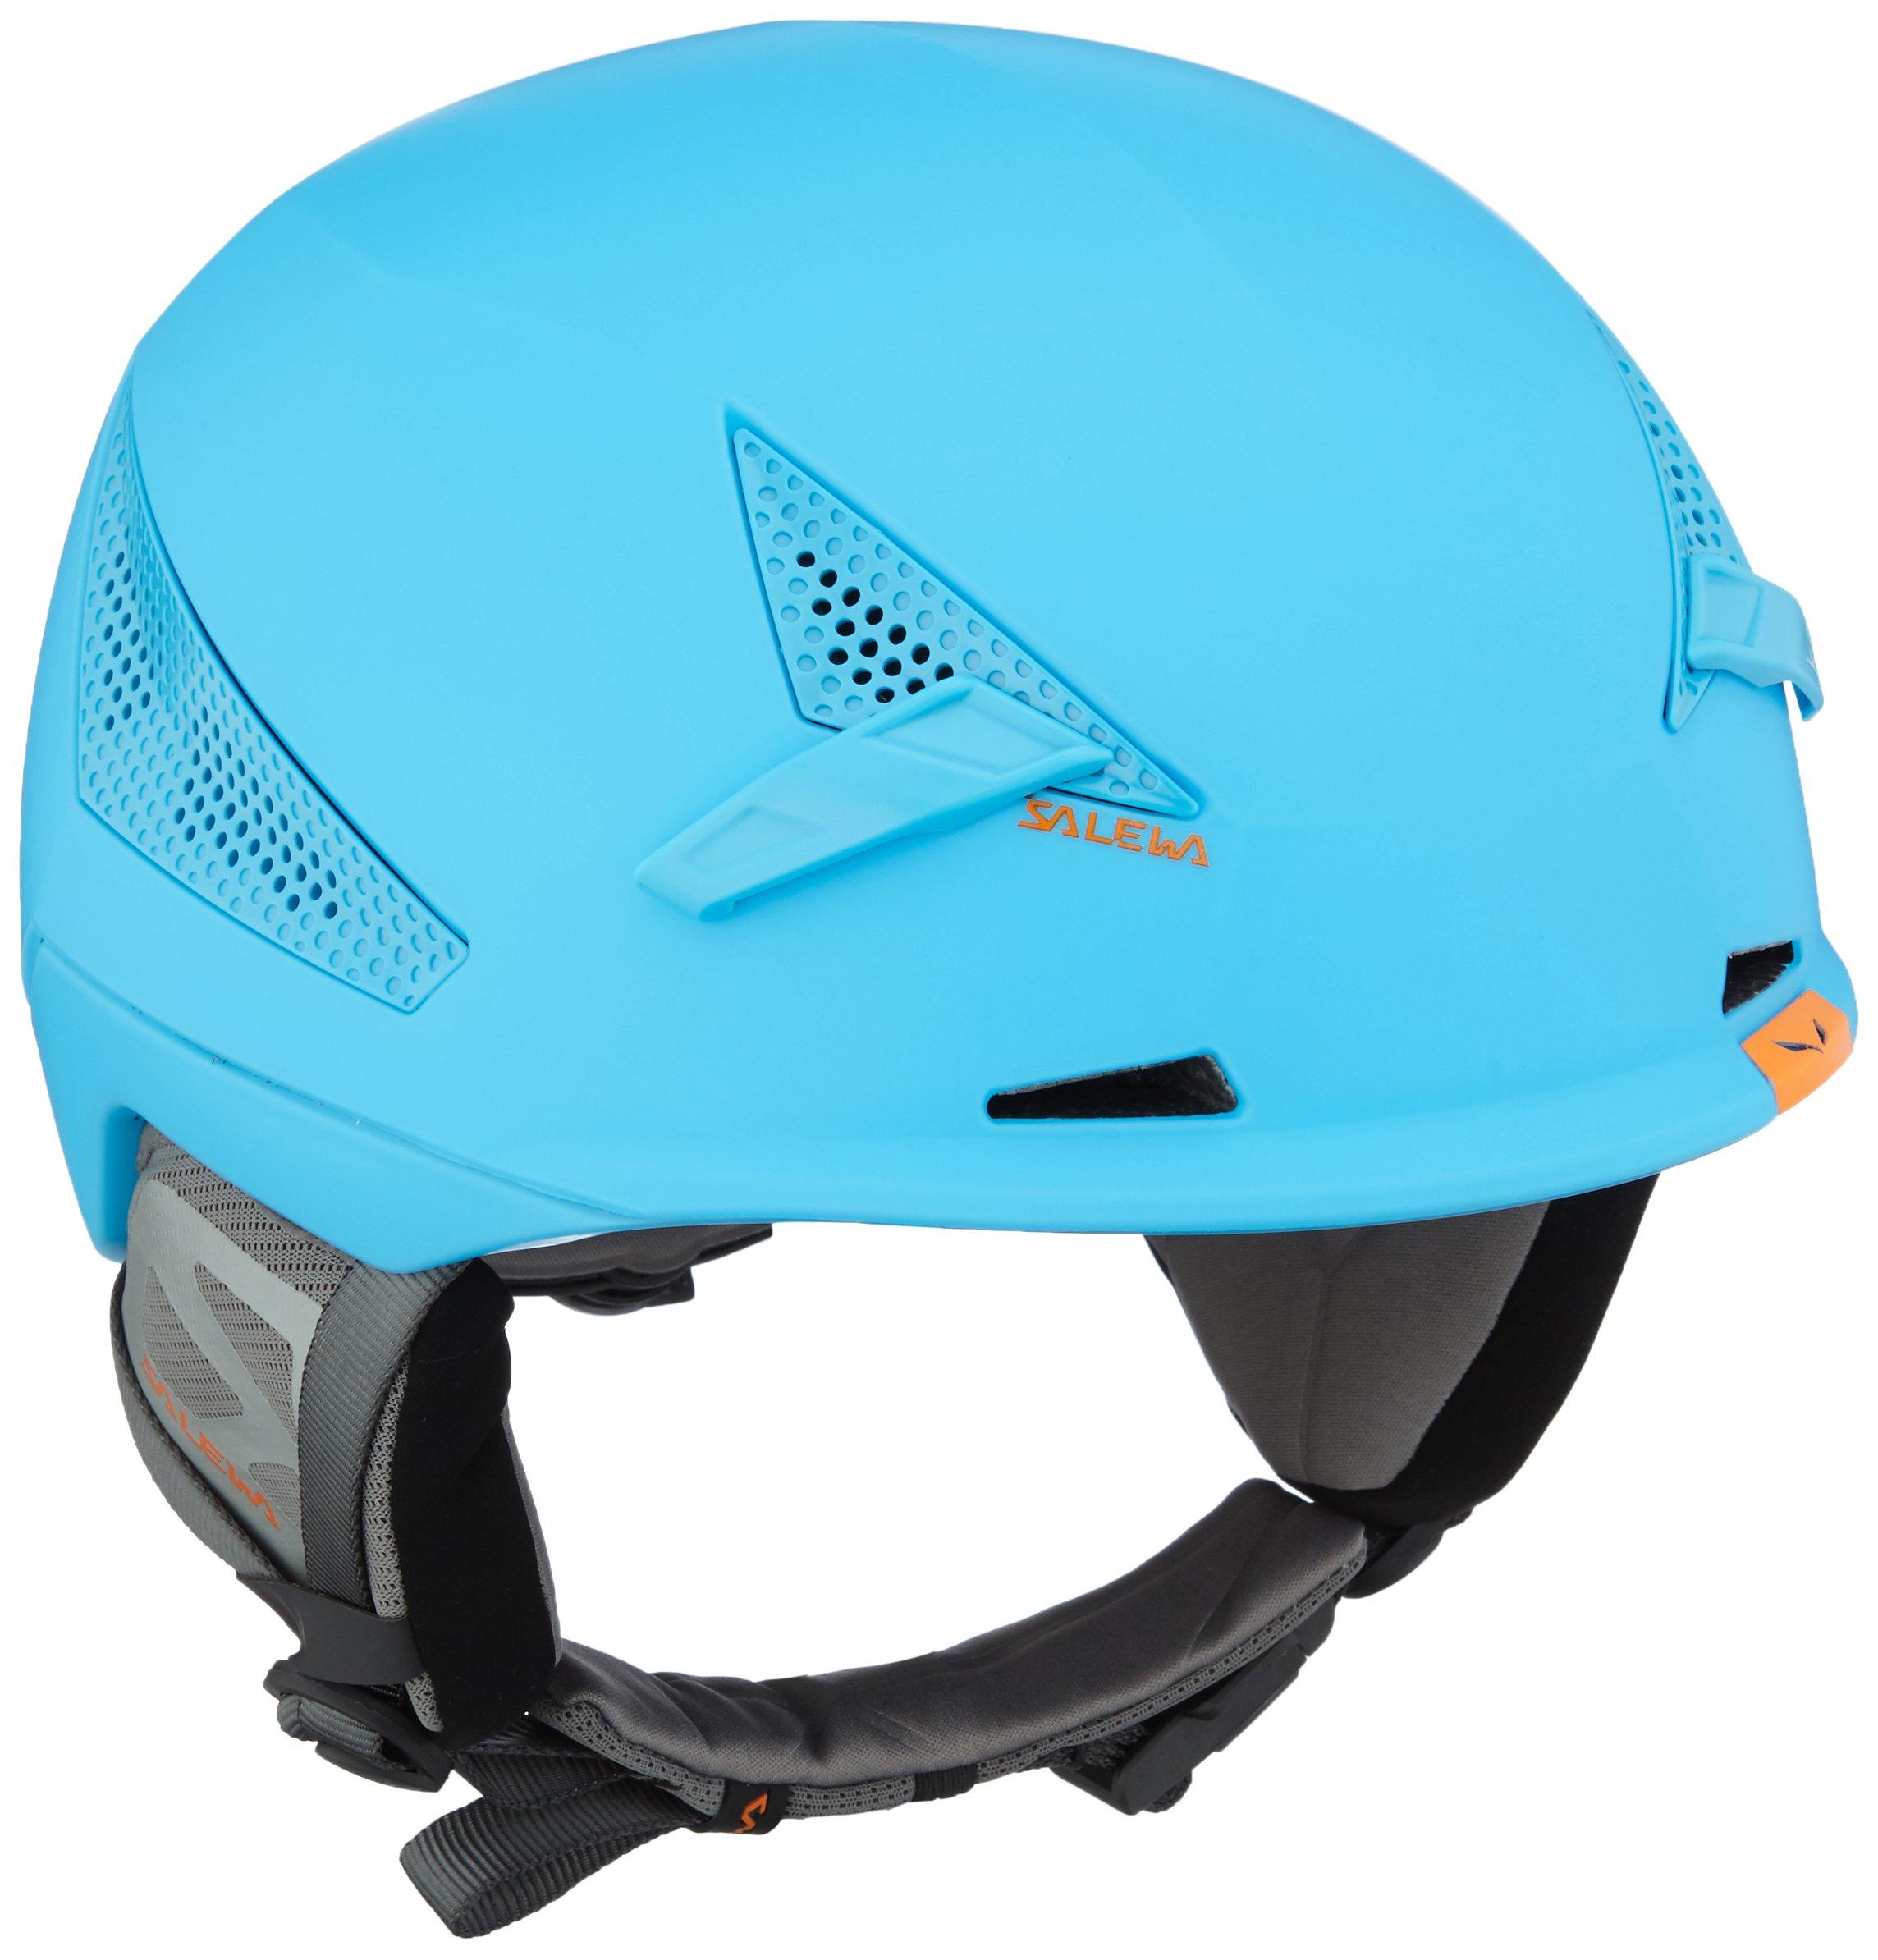 SALEWA Erwachsene Vert Kletterhelm, 00-0000001745, Ice Blue, Gr. 59 - 62 cm (L/X